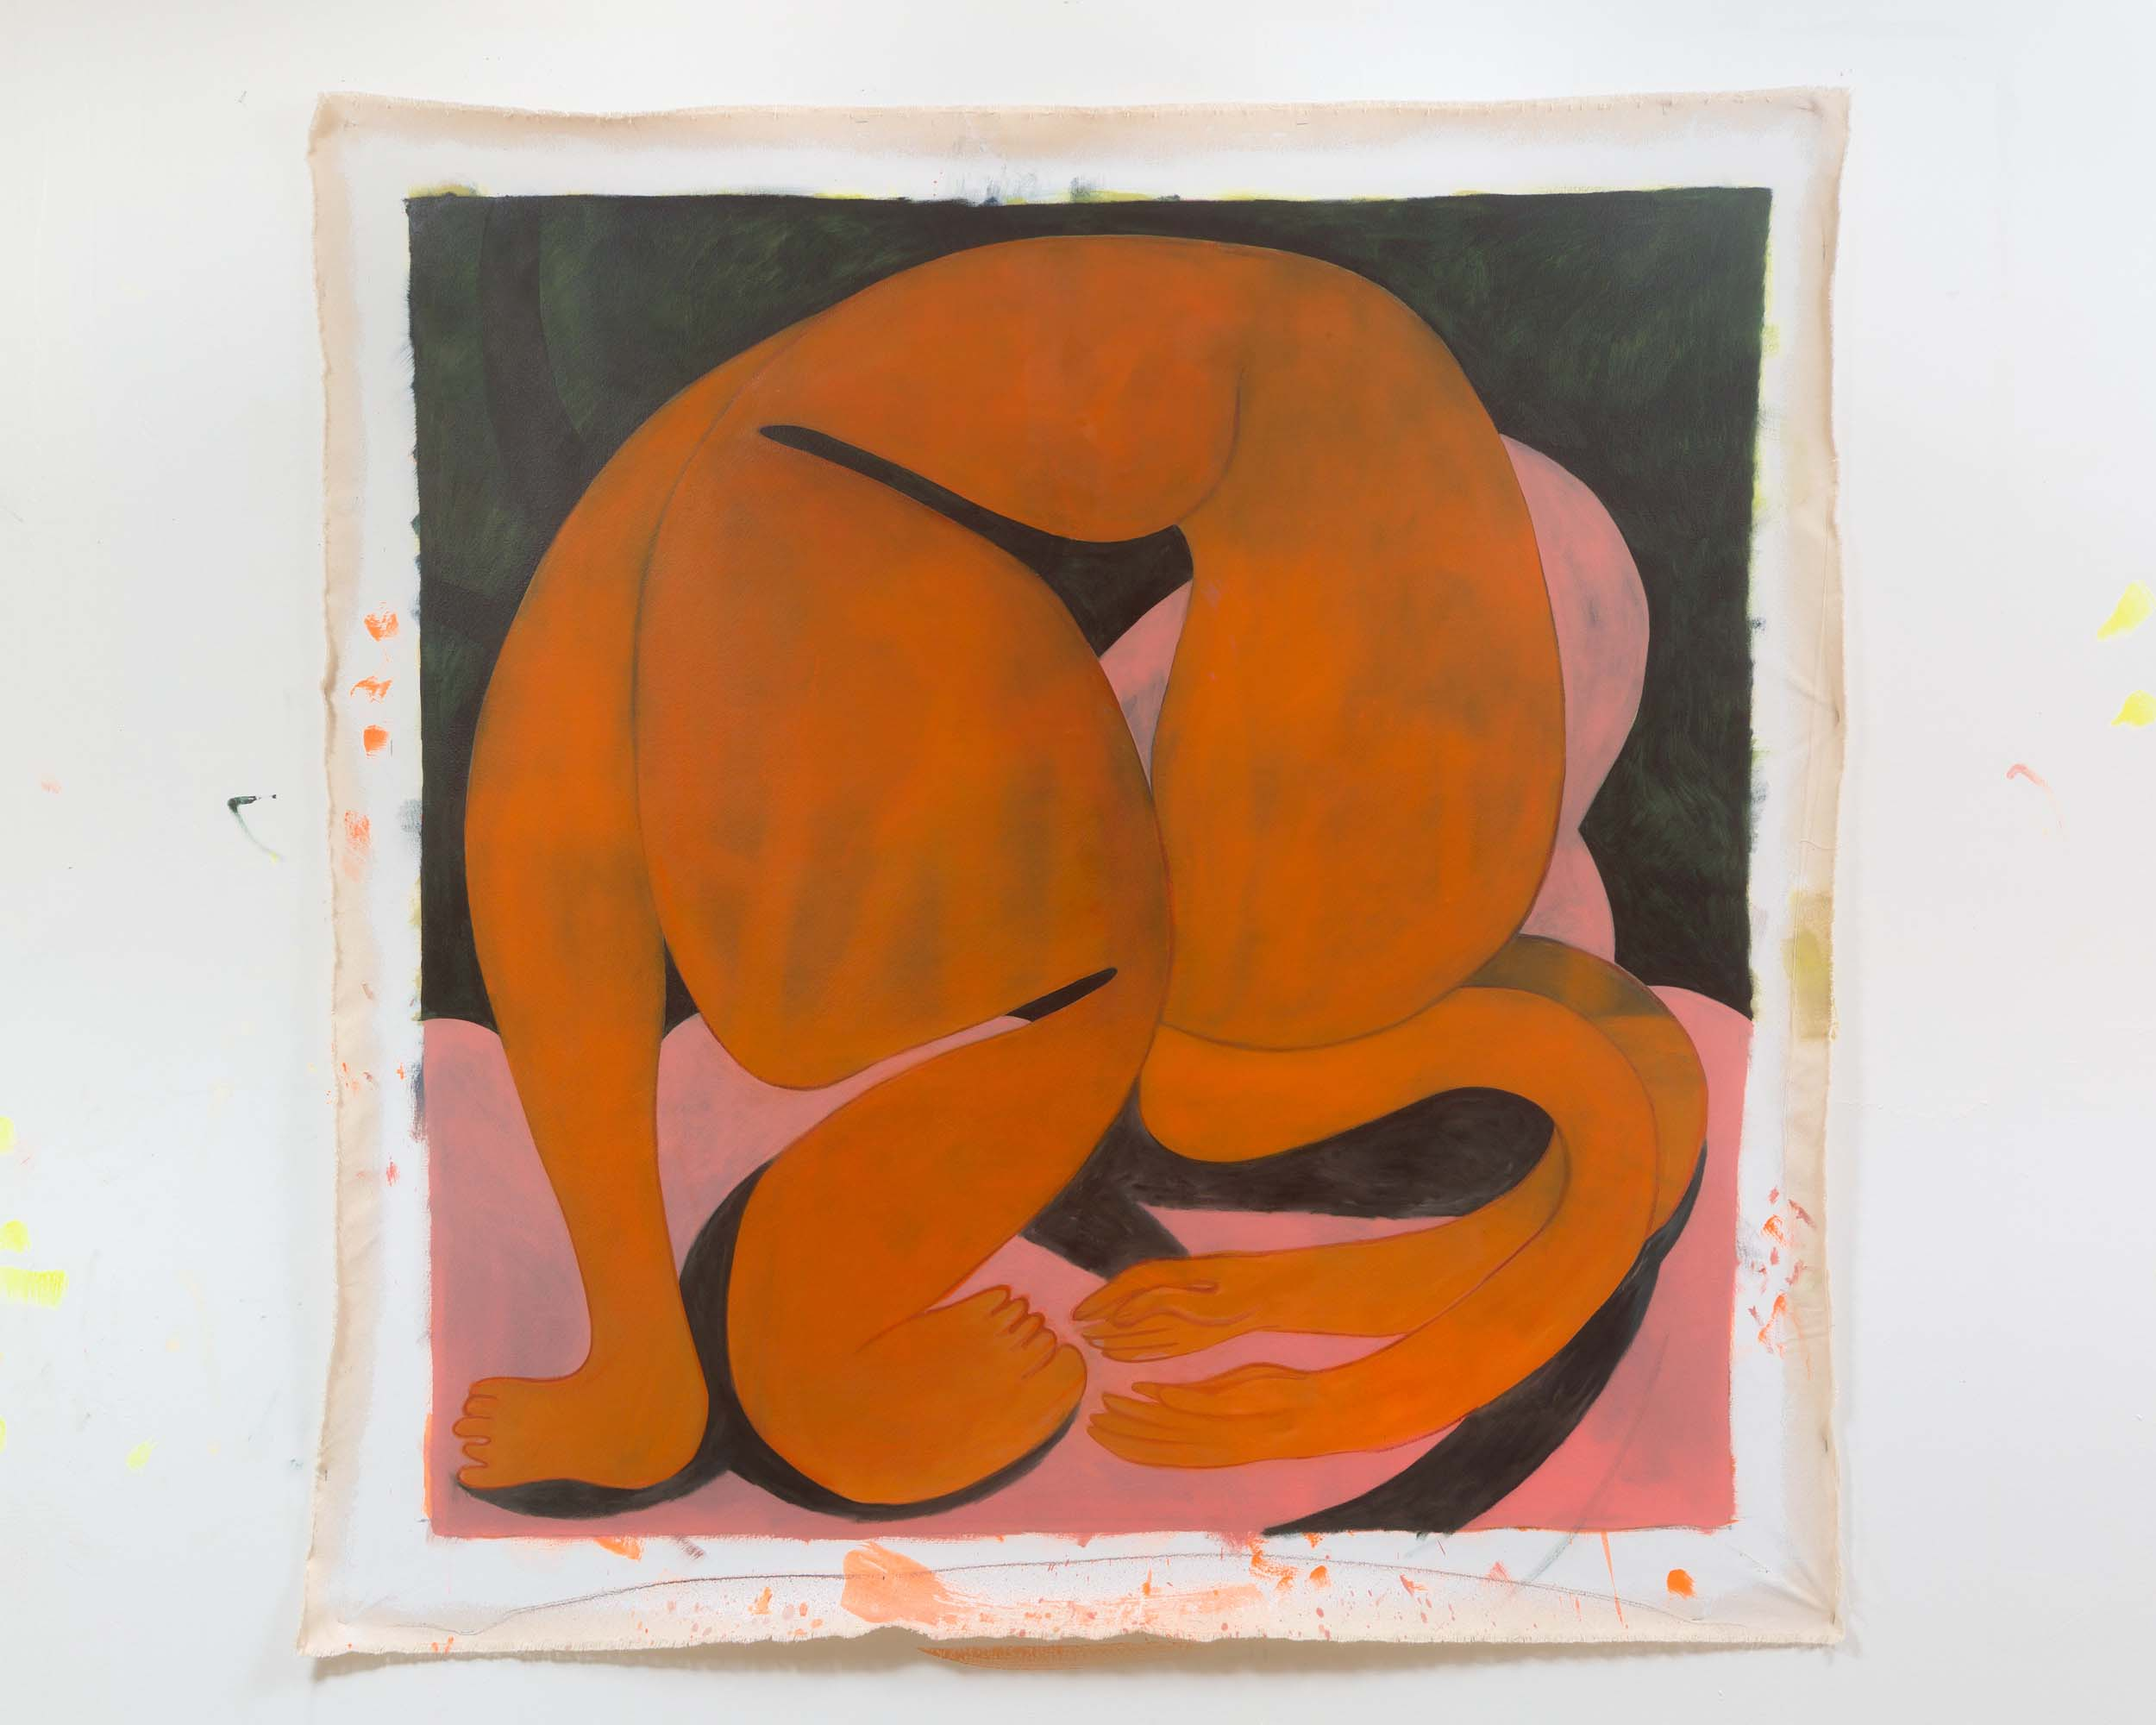 Tahnee Lonsdale, 'Chameleon' - 52